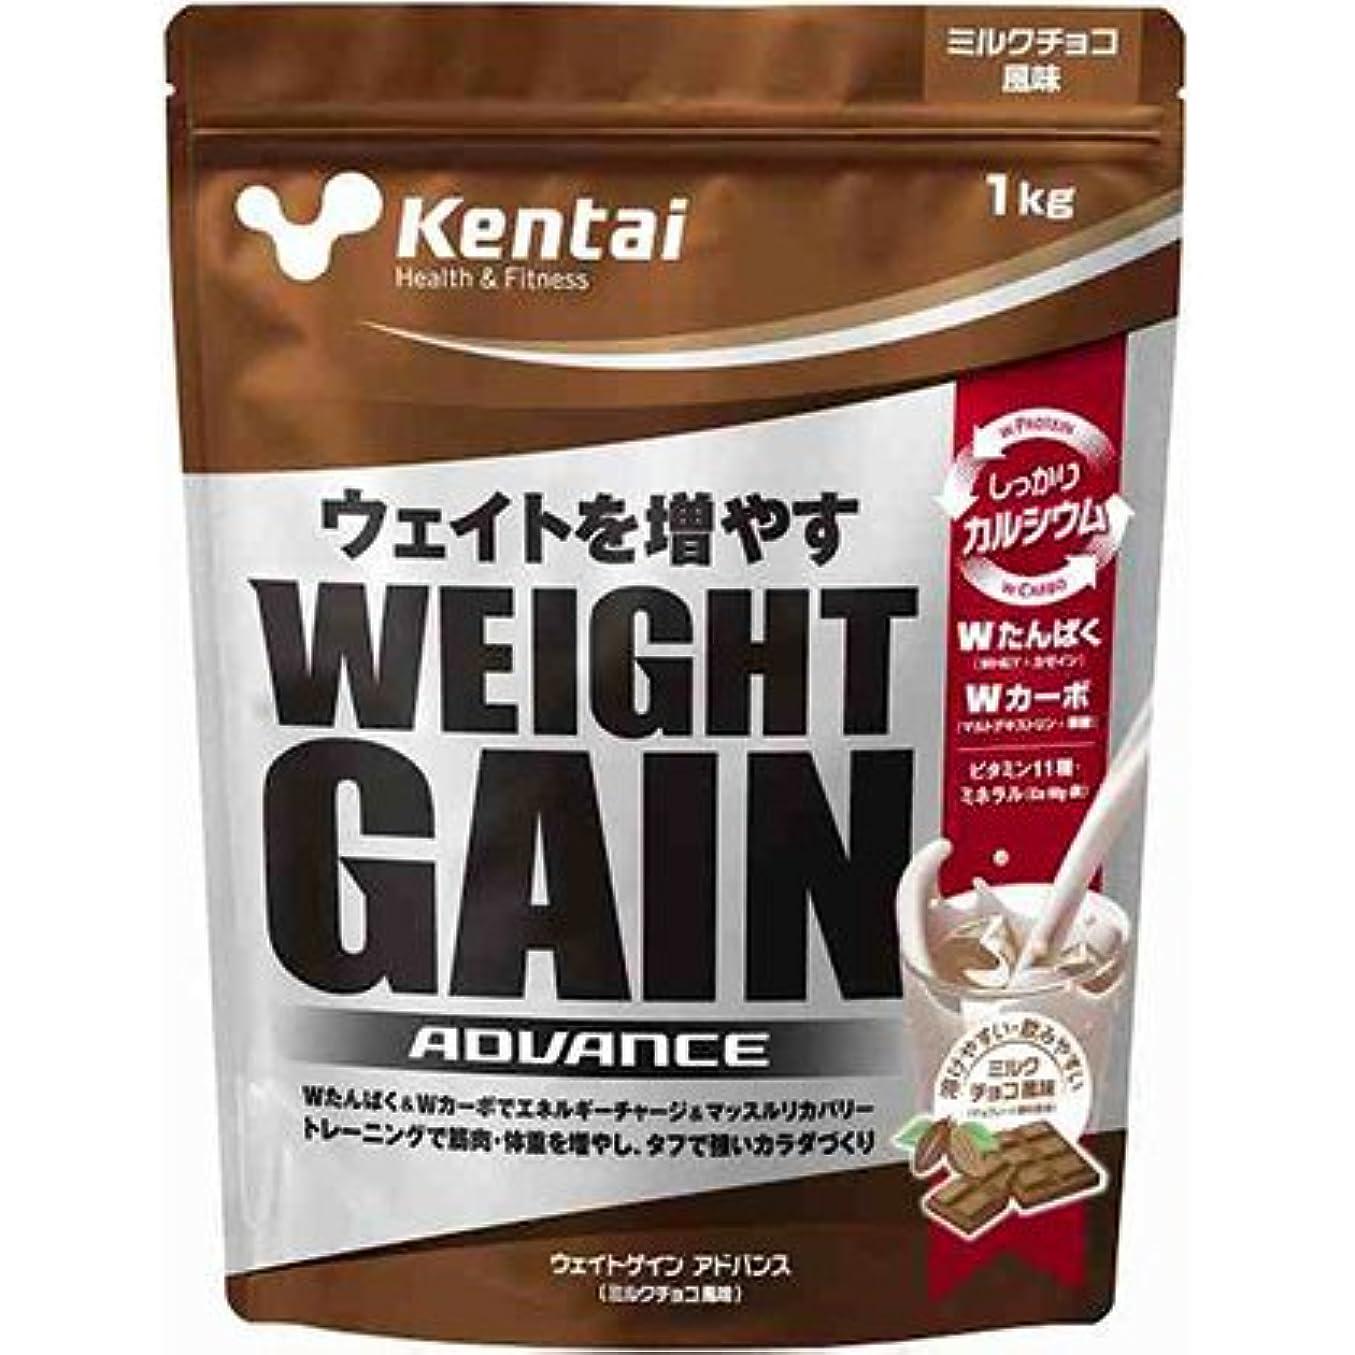 がっかりする単独で抵抗する【健康体力研究所 (Kentai)】 ウエイトゲインアドバンス(ミルクチョコ風味) 1kg